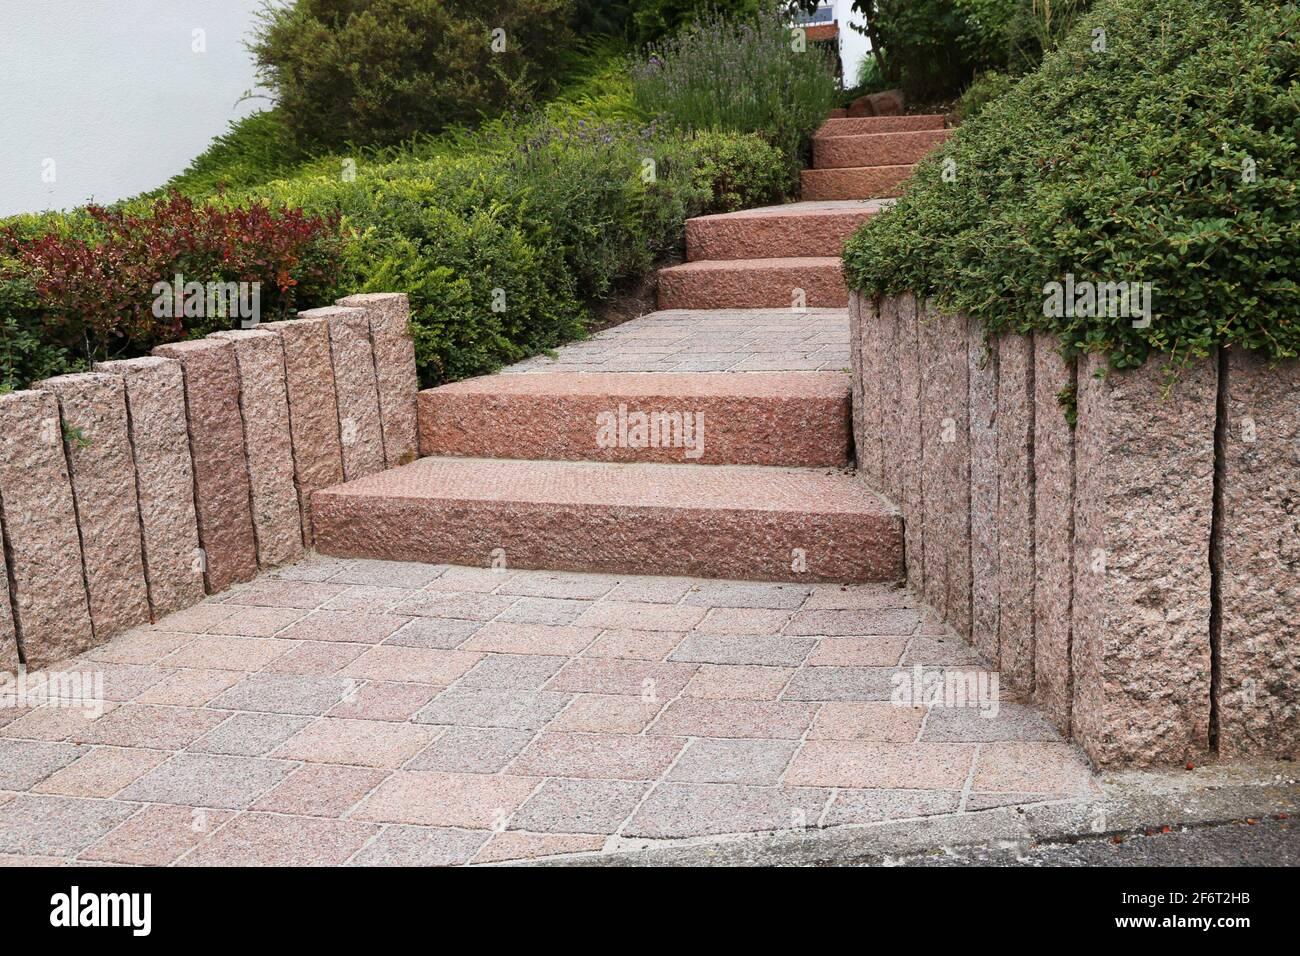 Ordentlich und ordentlich Vorgarten mit massiven Block Stufen, dekorativen Kies und Bepflanzung. Stockfoto